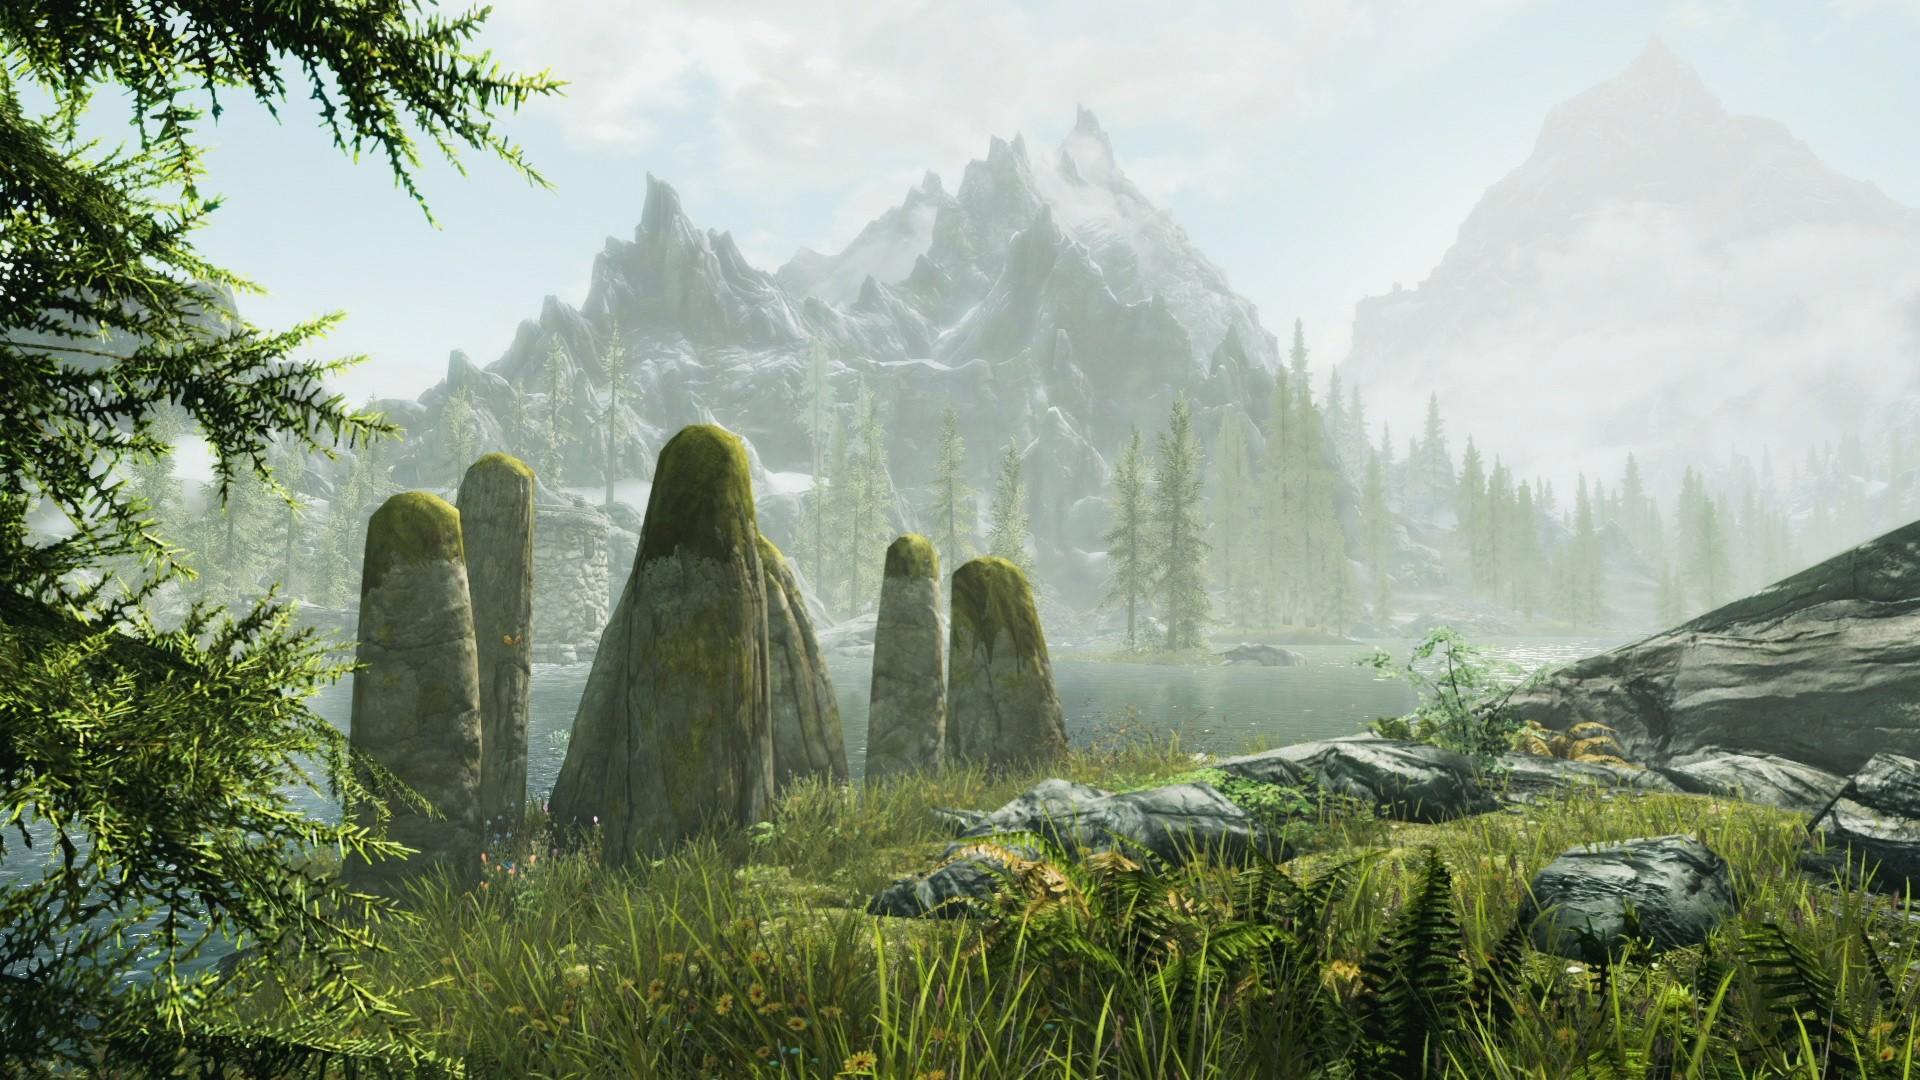 Elder Scrolls PC Wallpaper